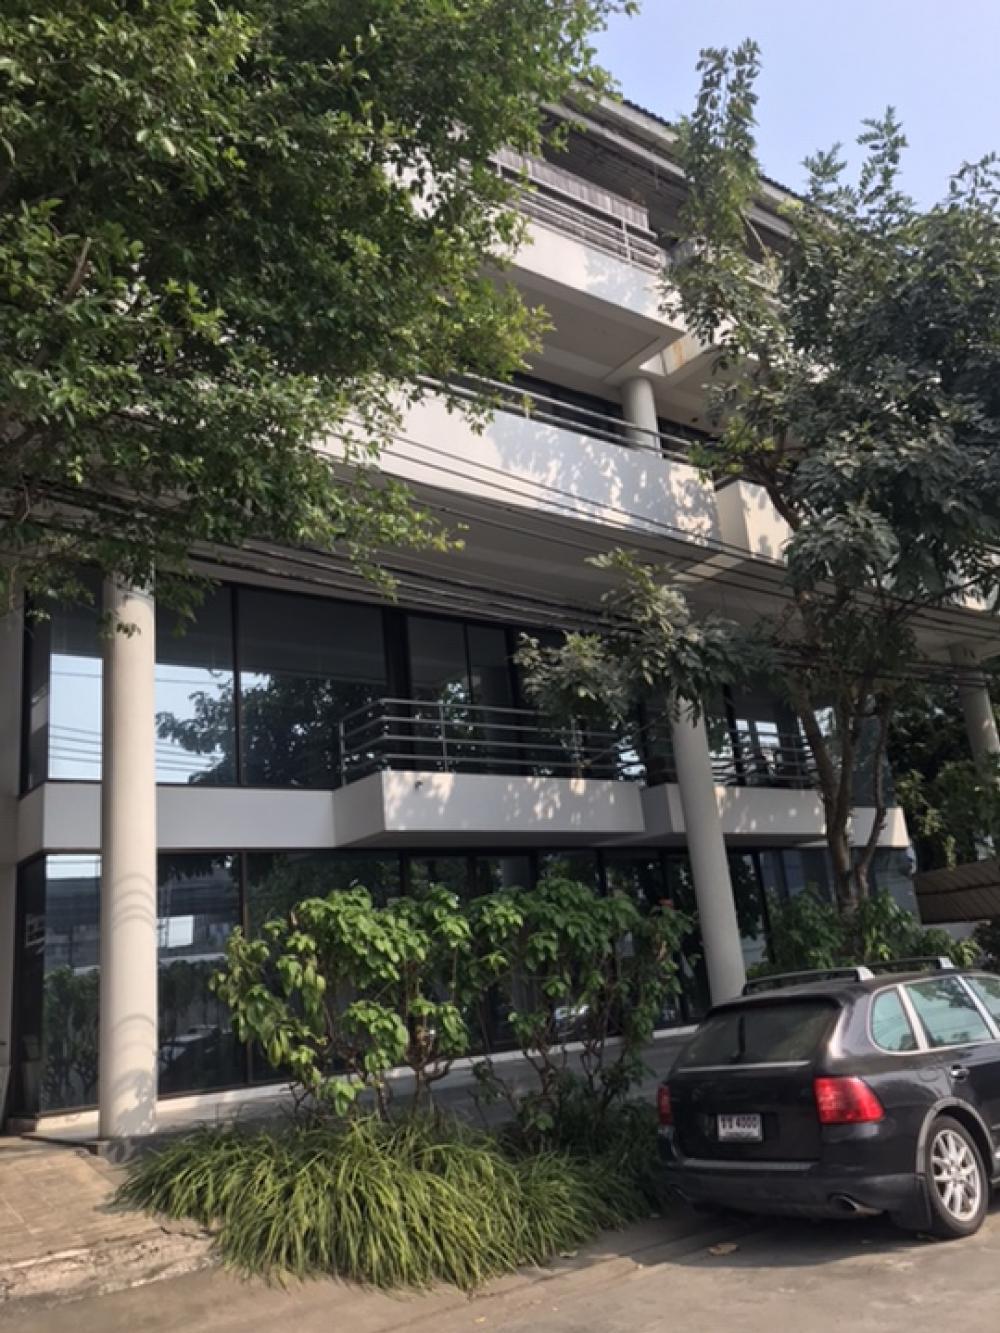 ขายโฮมออฟฟิศพัฒนาการ ศรีนครินทร์ : Home Office for sale near MRTขายโฮมออฟฟิตใกล้สถานี MRT